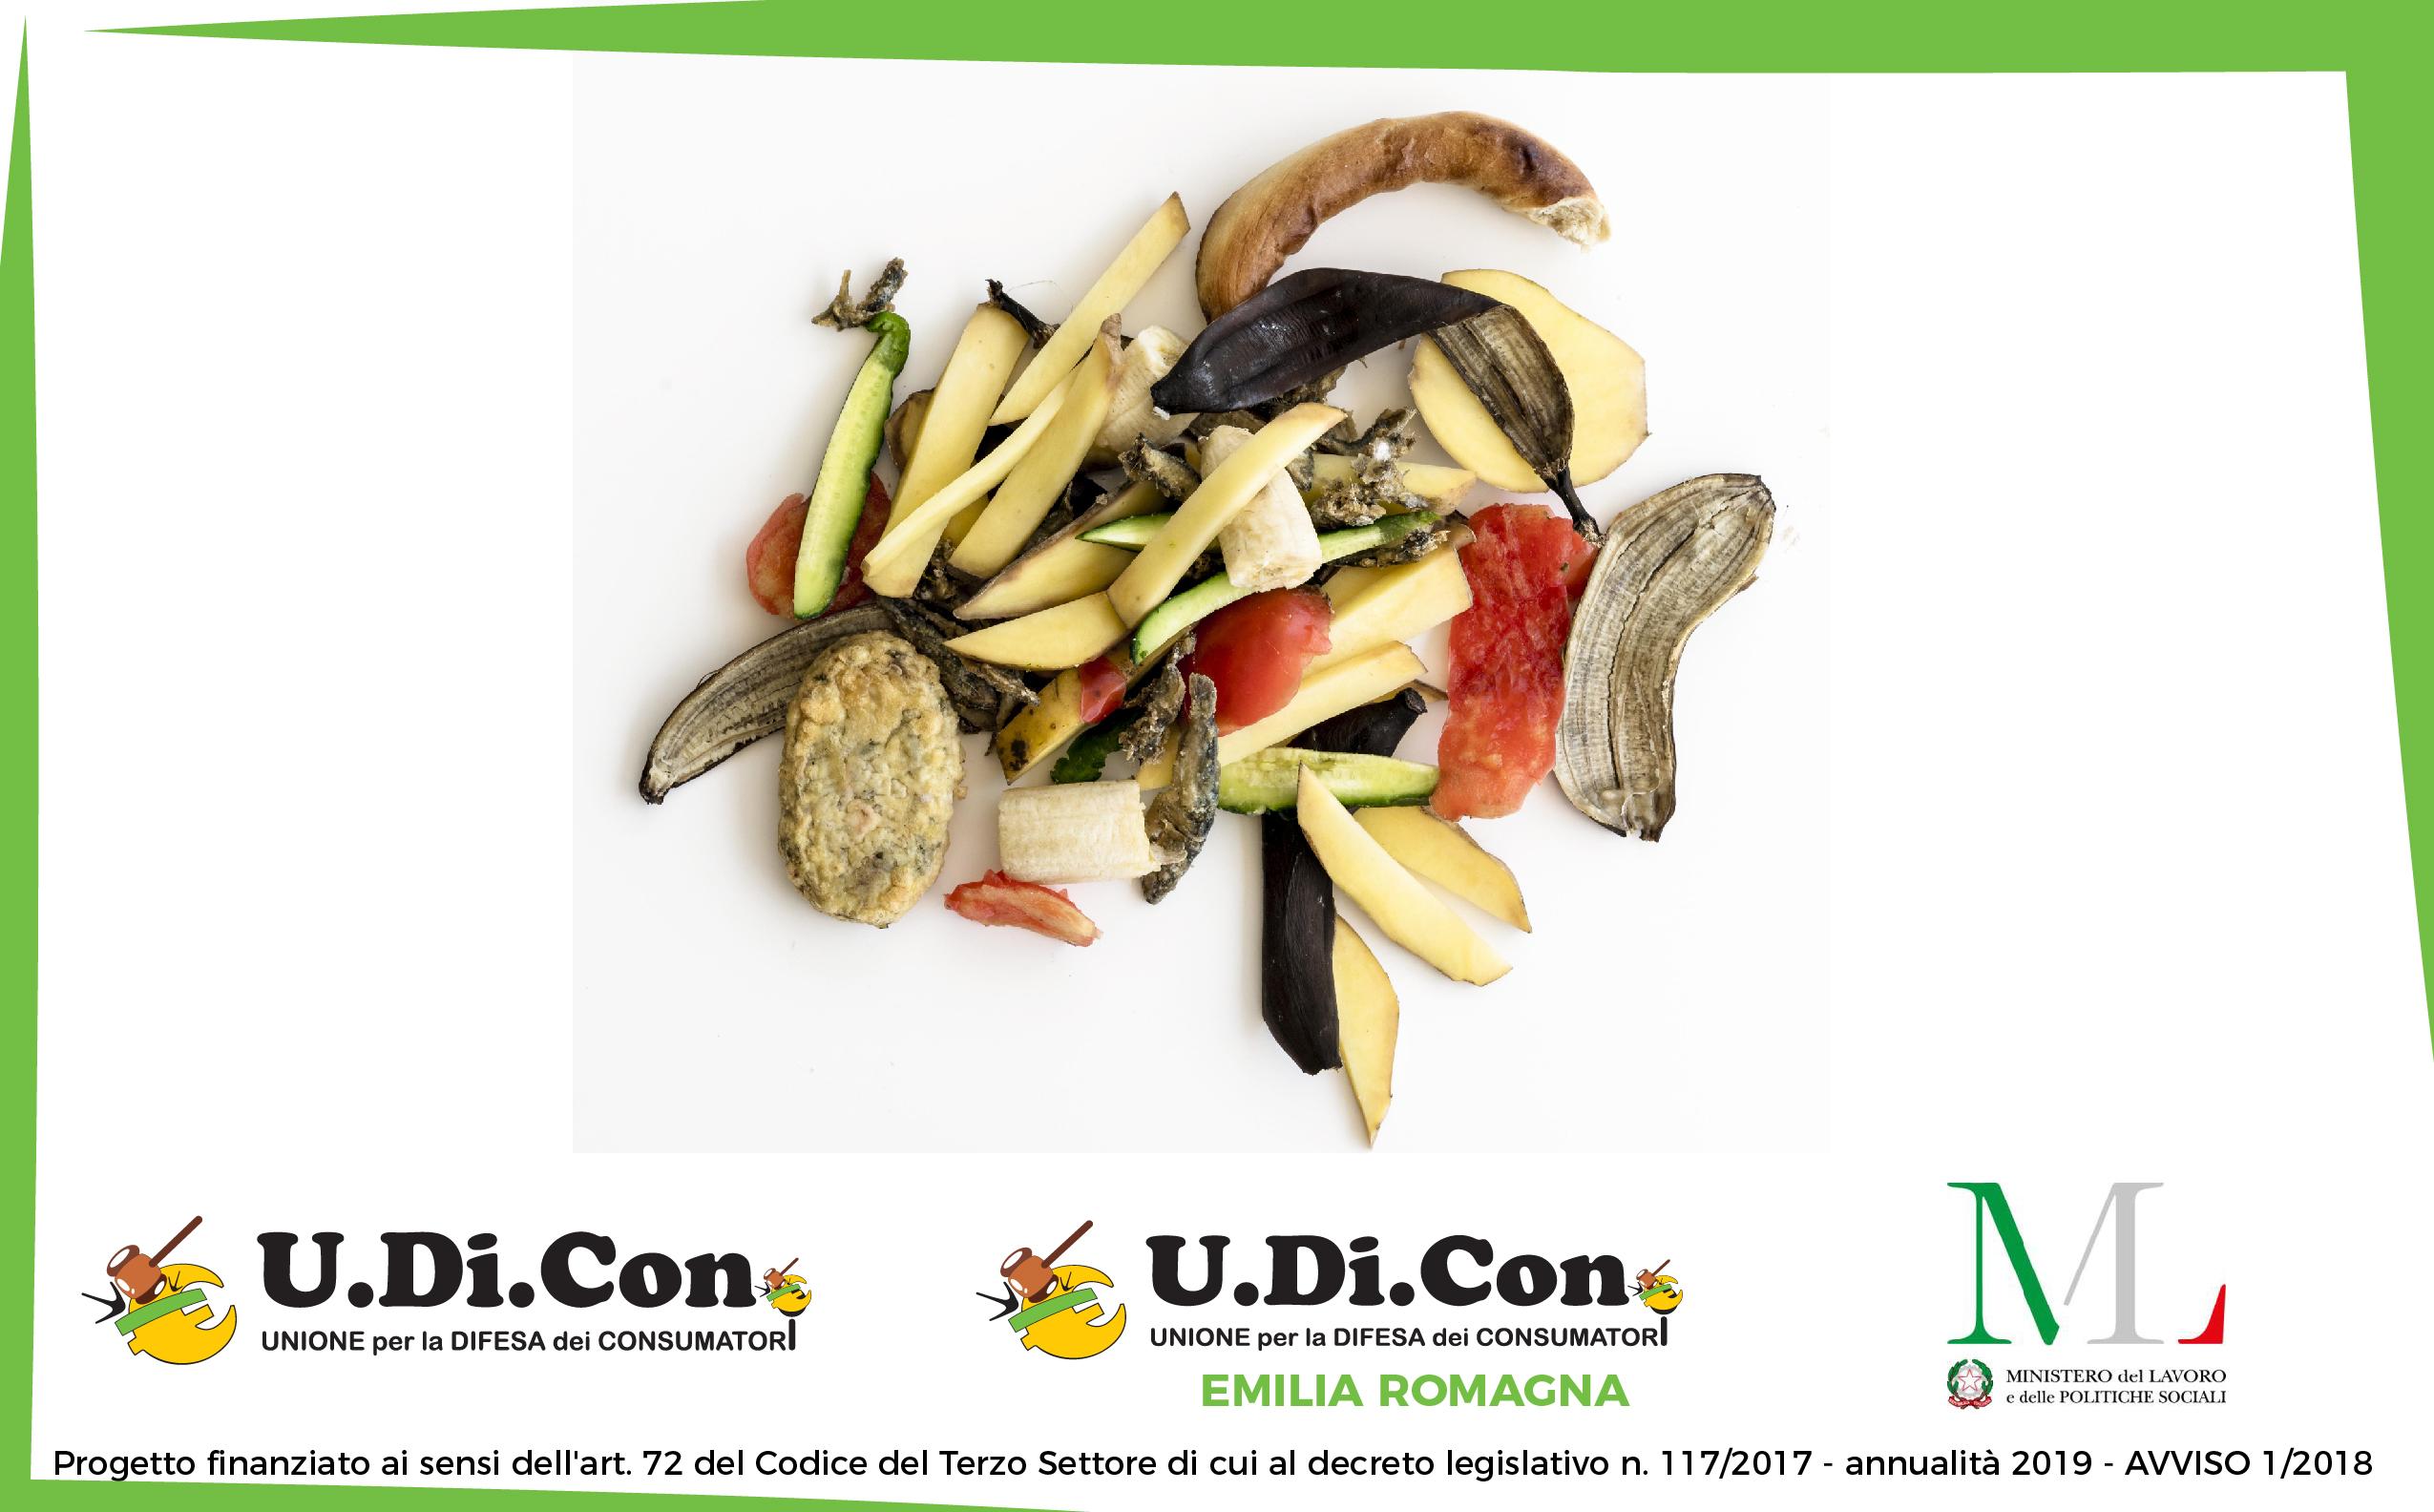 Un riconoscimento globale: istituita dall'ONU la giornata internazionale sugli sprechi alimentari